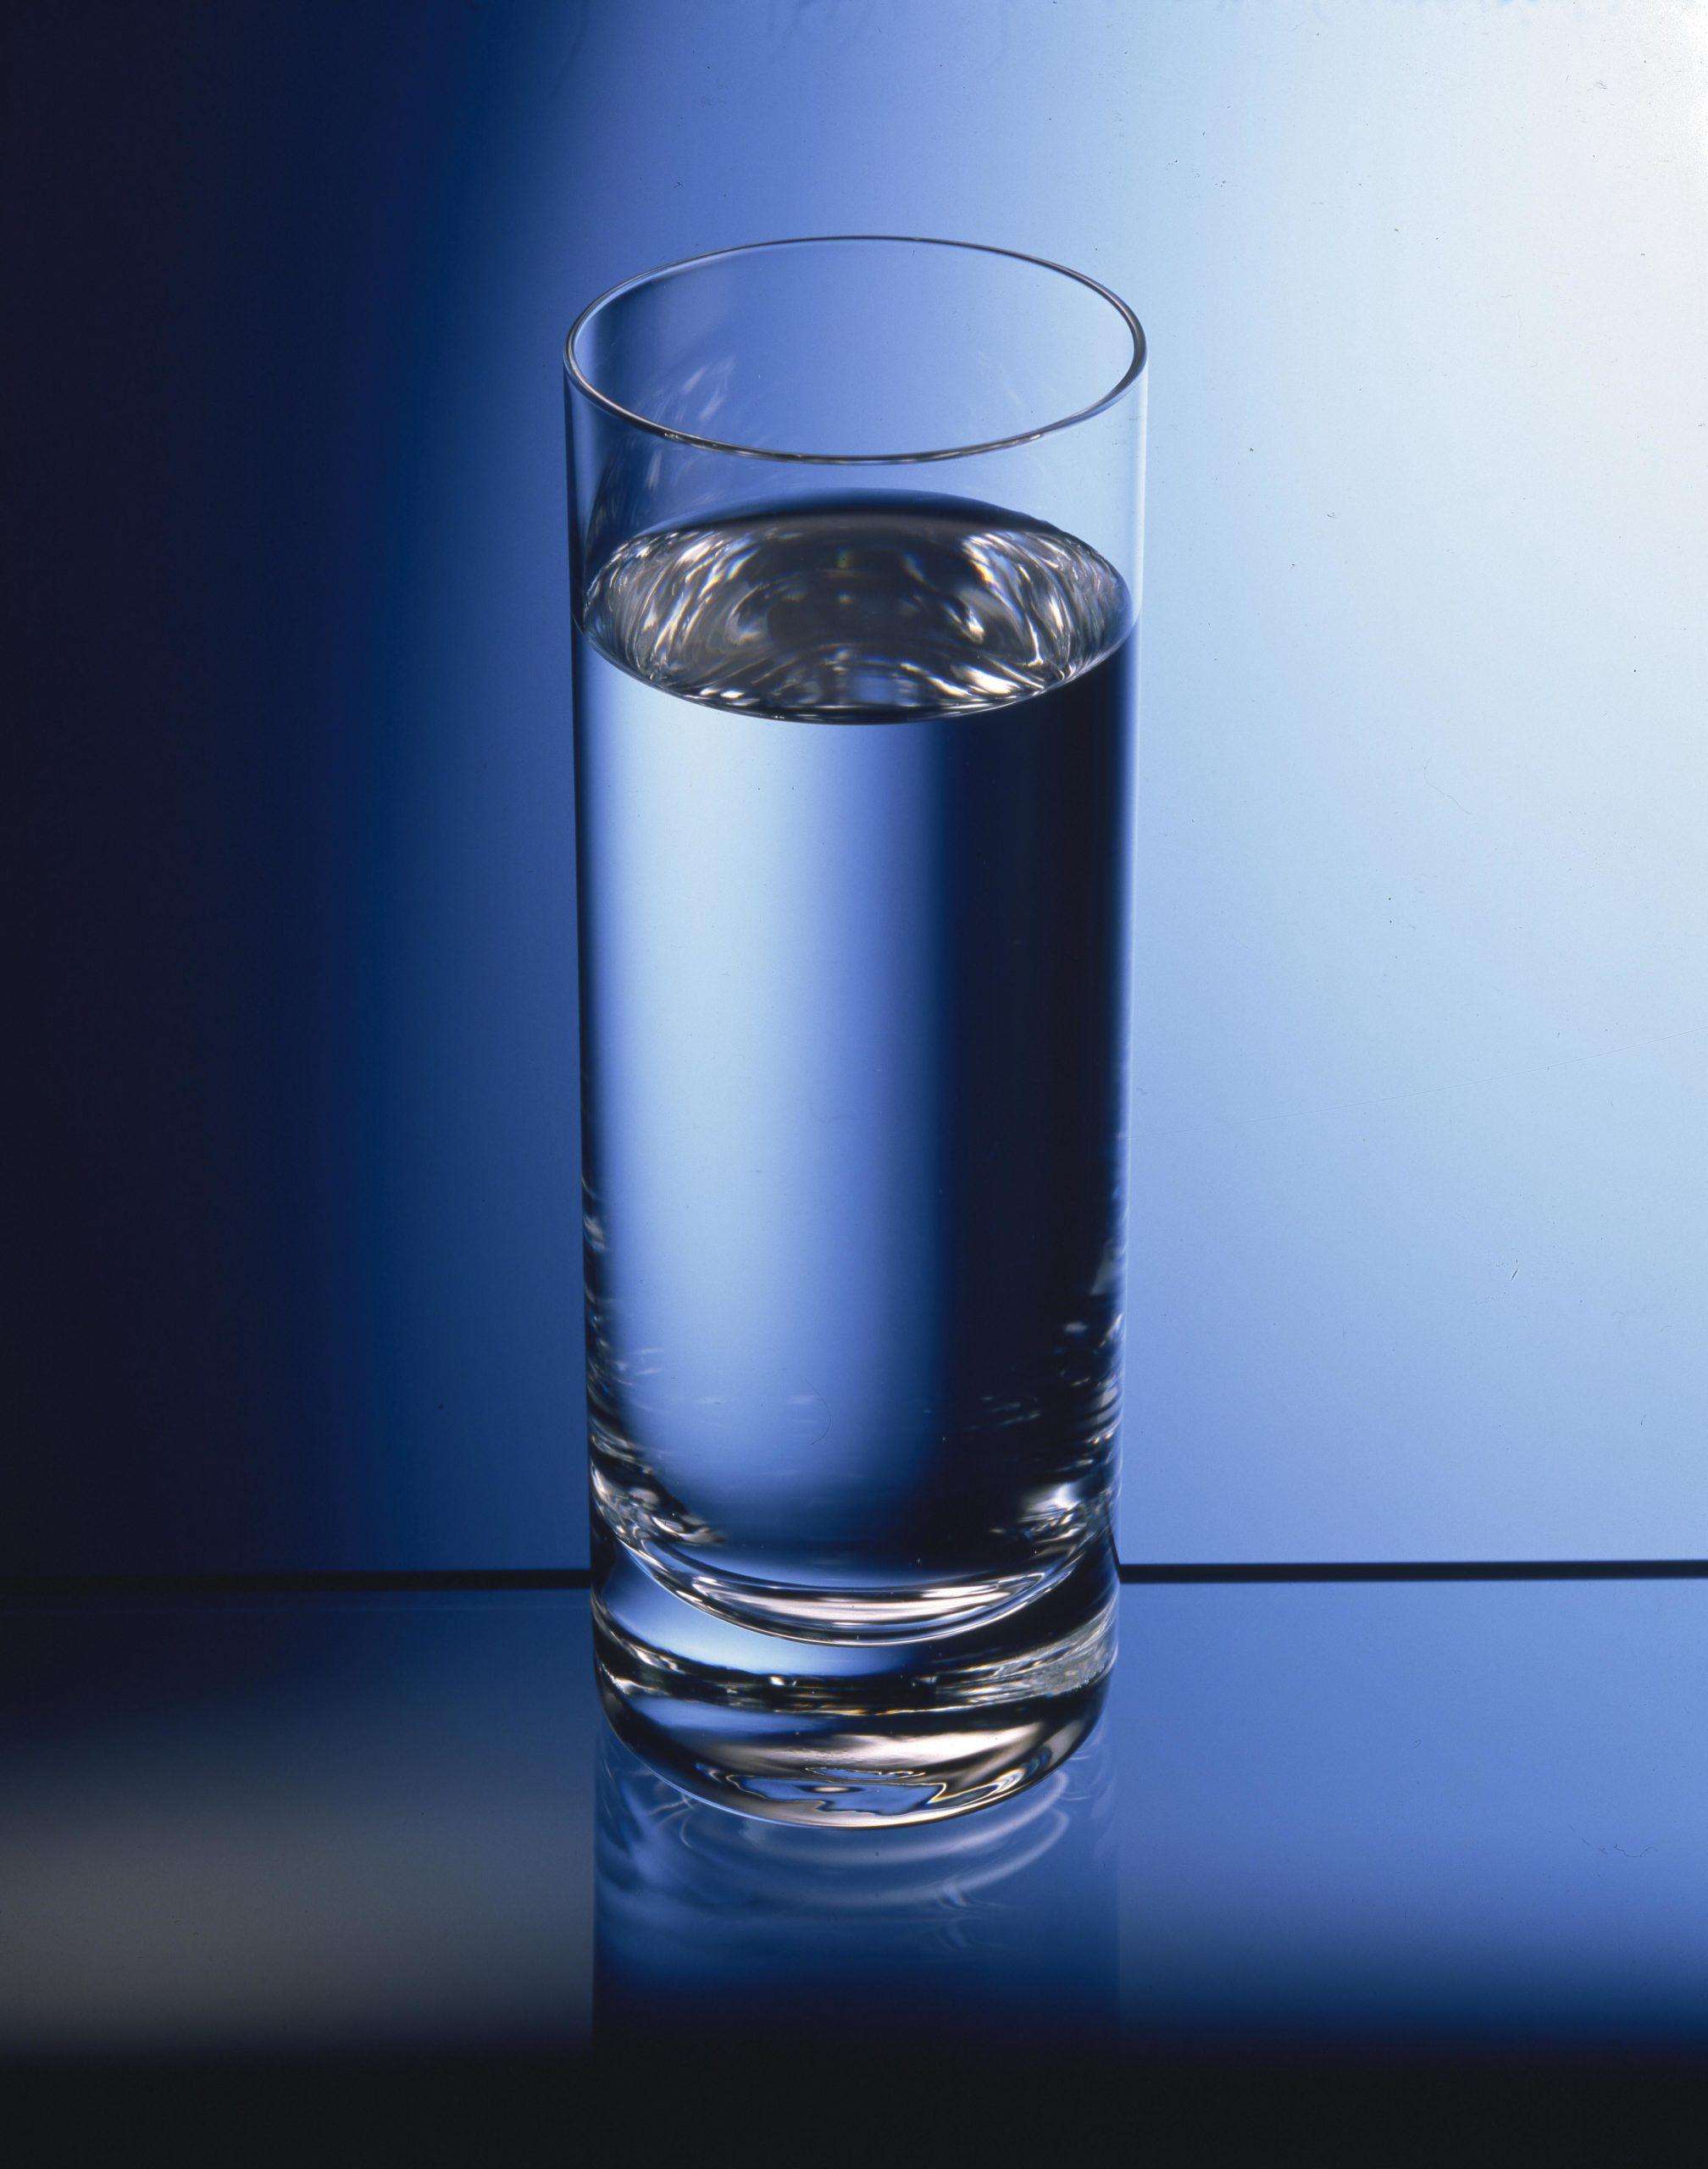 вечеринки стакан воды фото коллектив